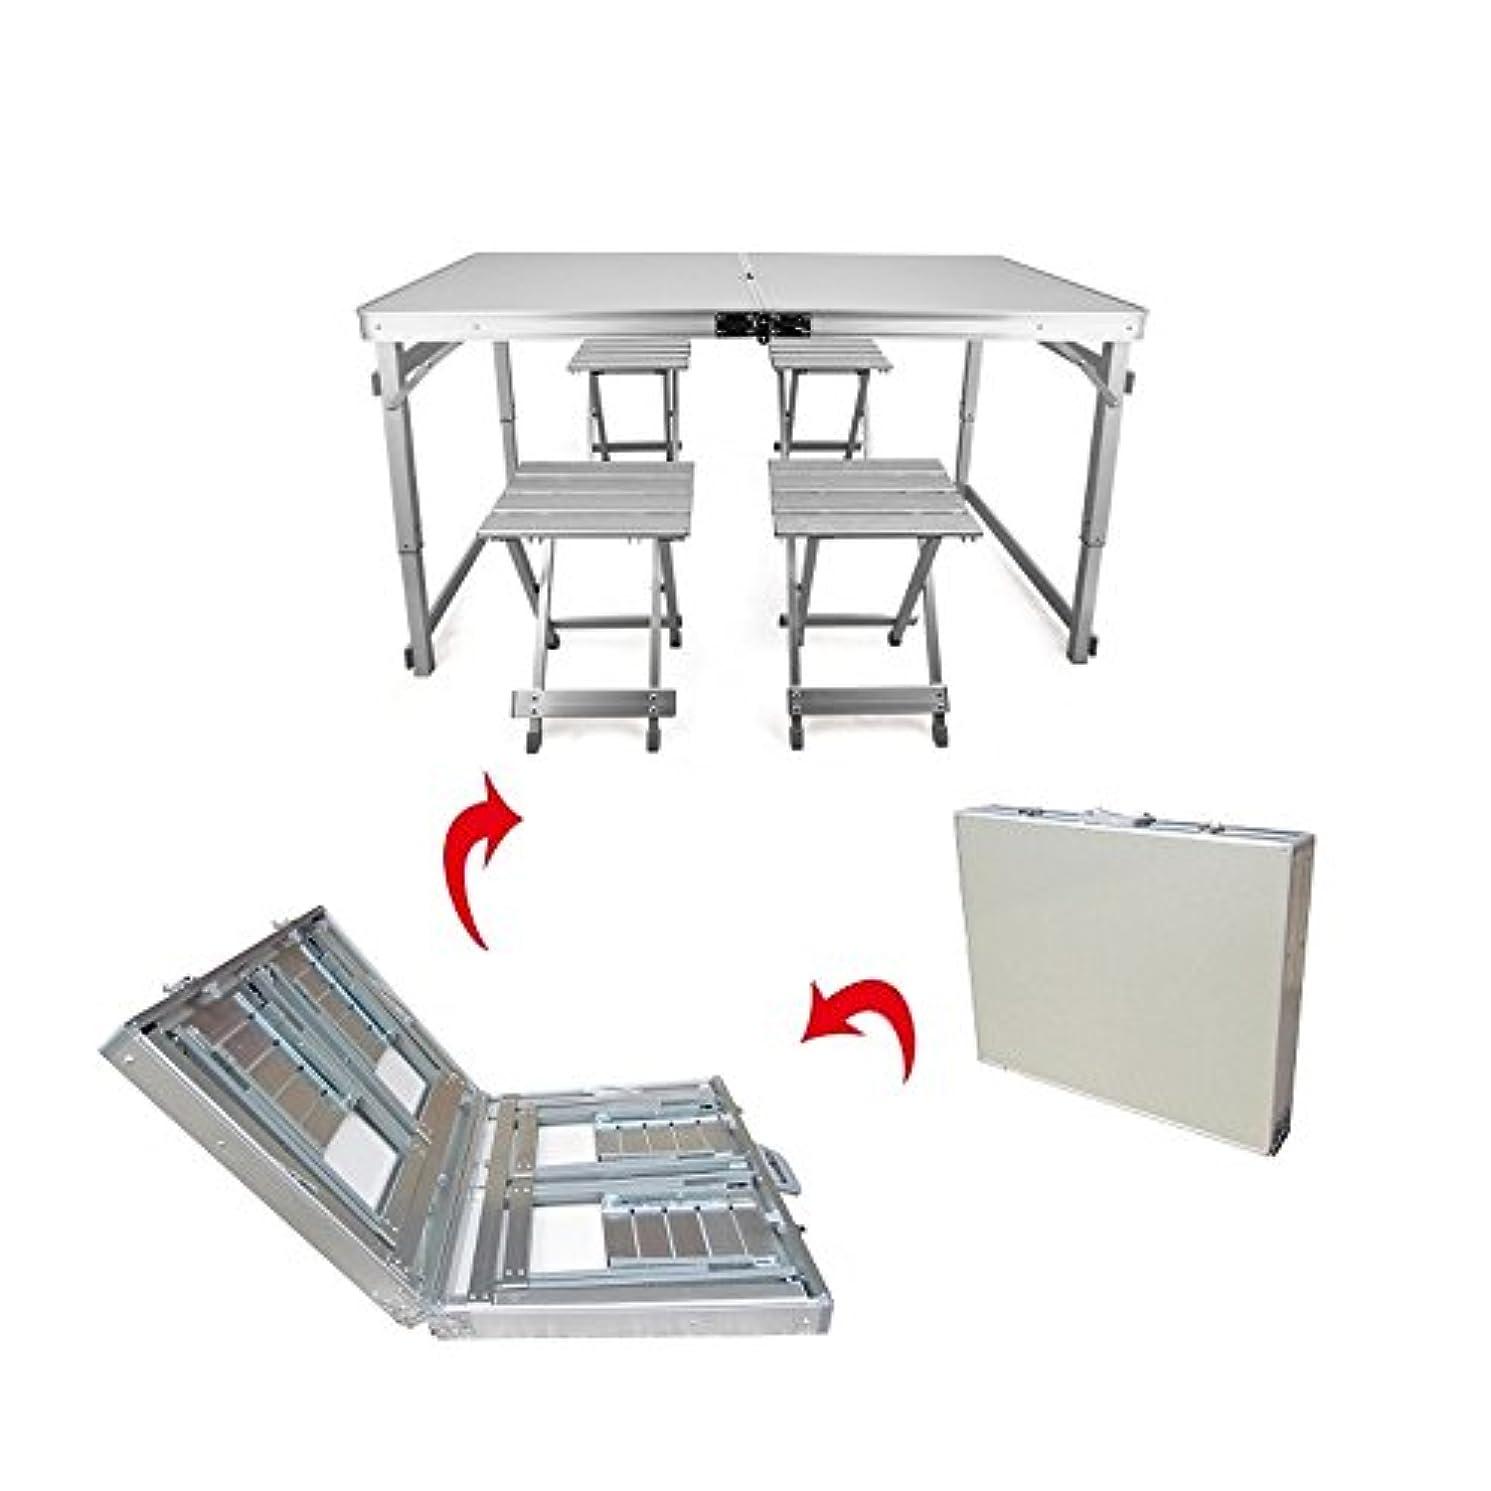 オリエンテーション名前マインドフルBBQ キャンプ 釣り用アウトドアテーブル·チェアセット(1テーブル4チェア)コンパクト可能 パラソル穴付け